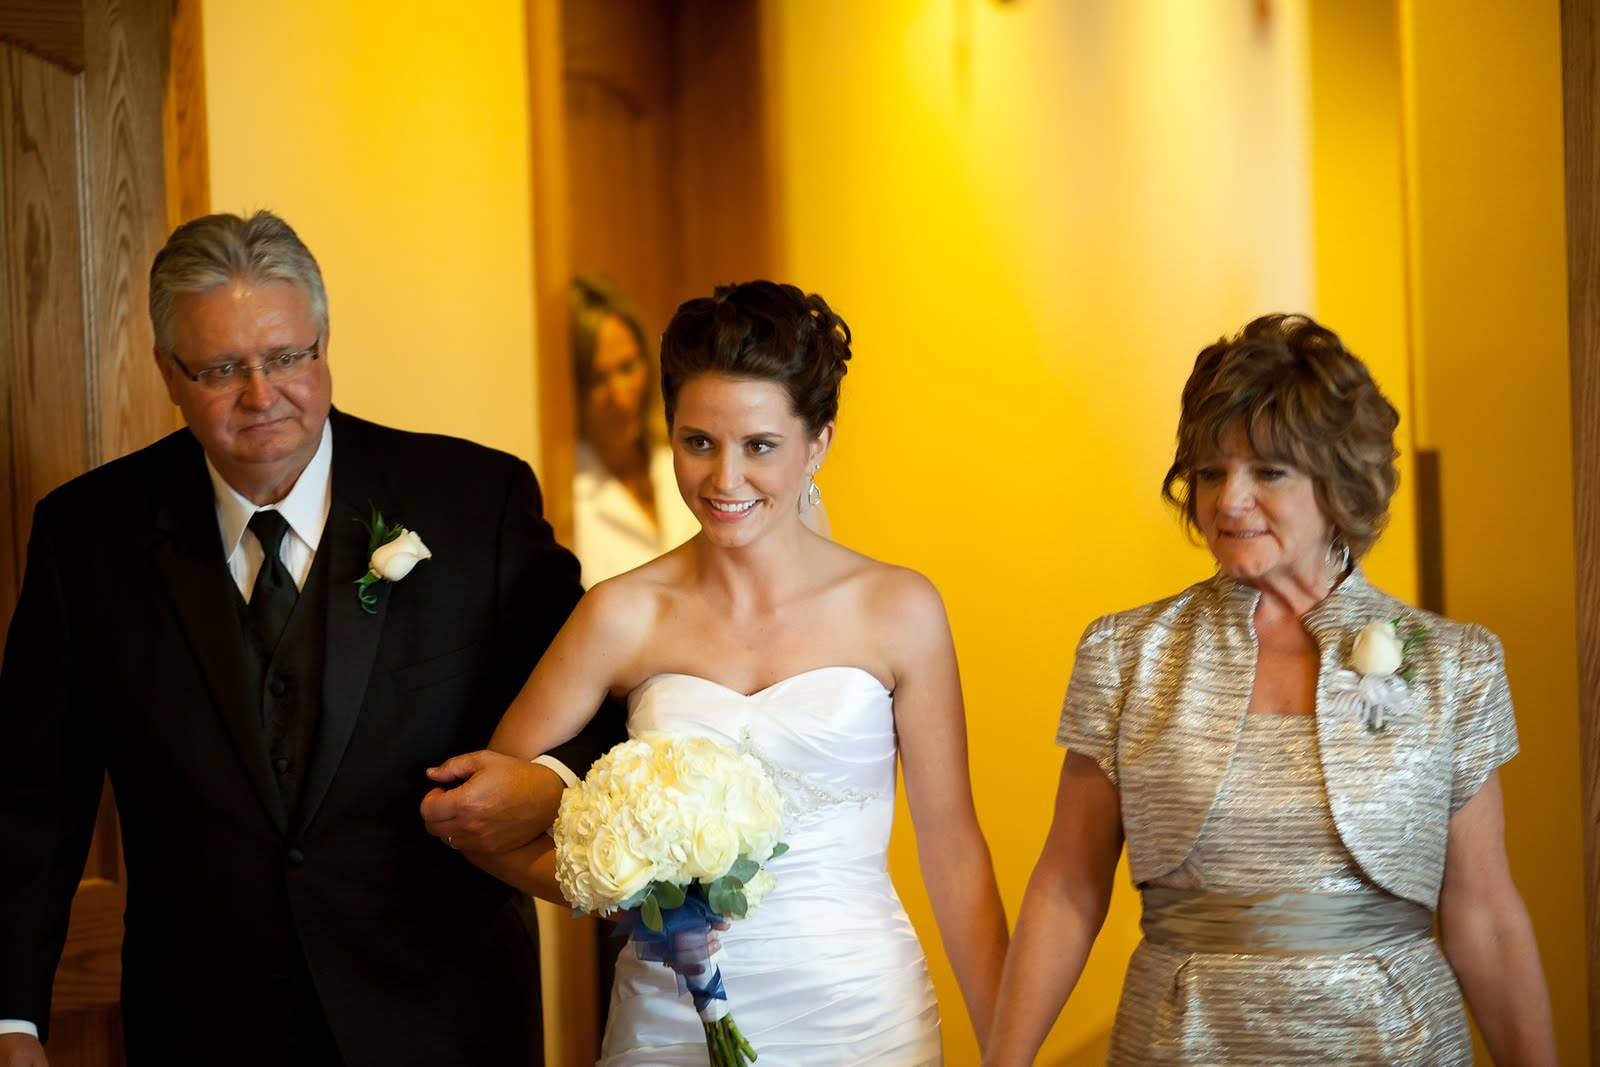 Cемье 2 года: какая свадьба, как отпраздновать, что подарить?